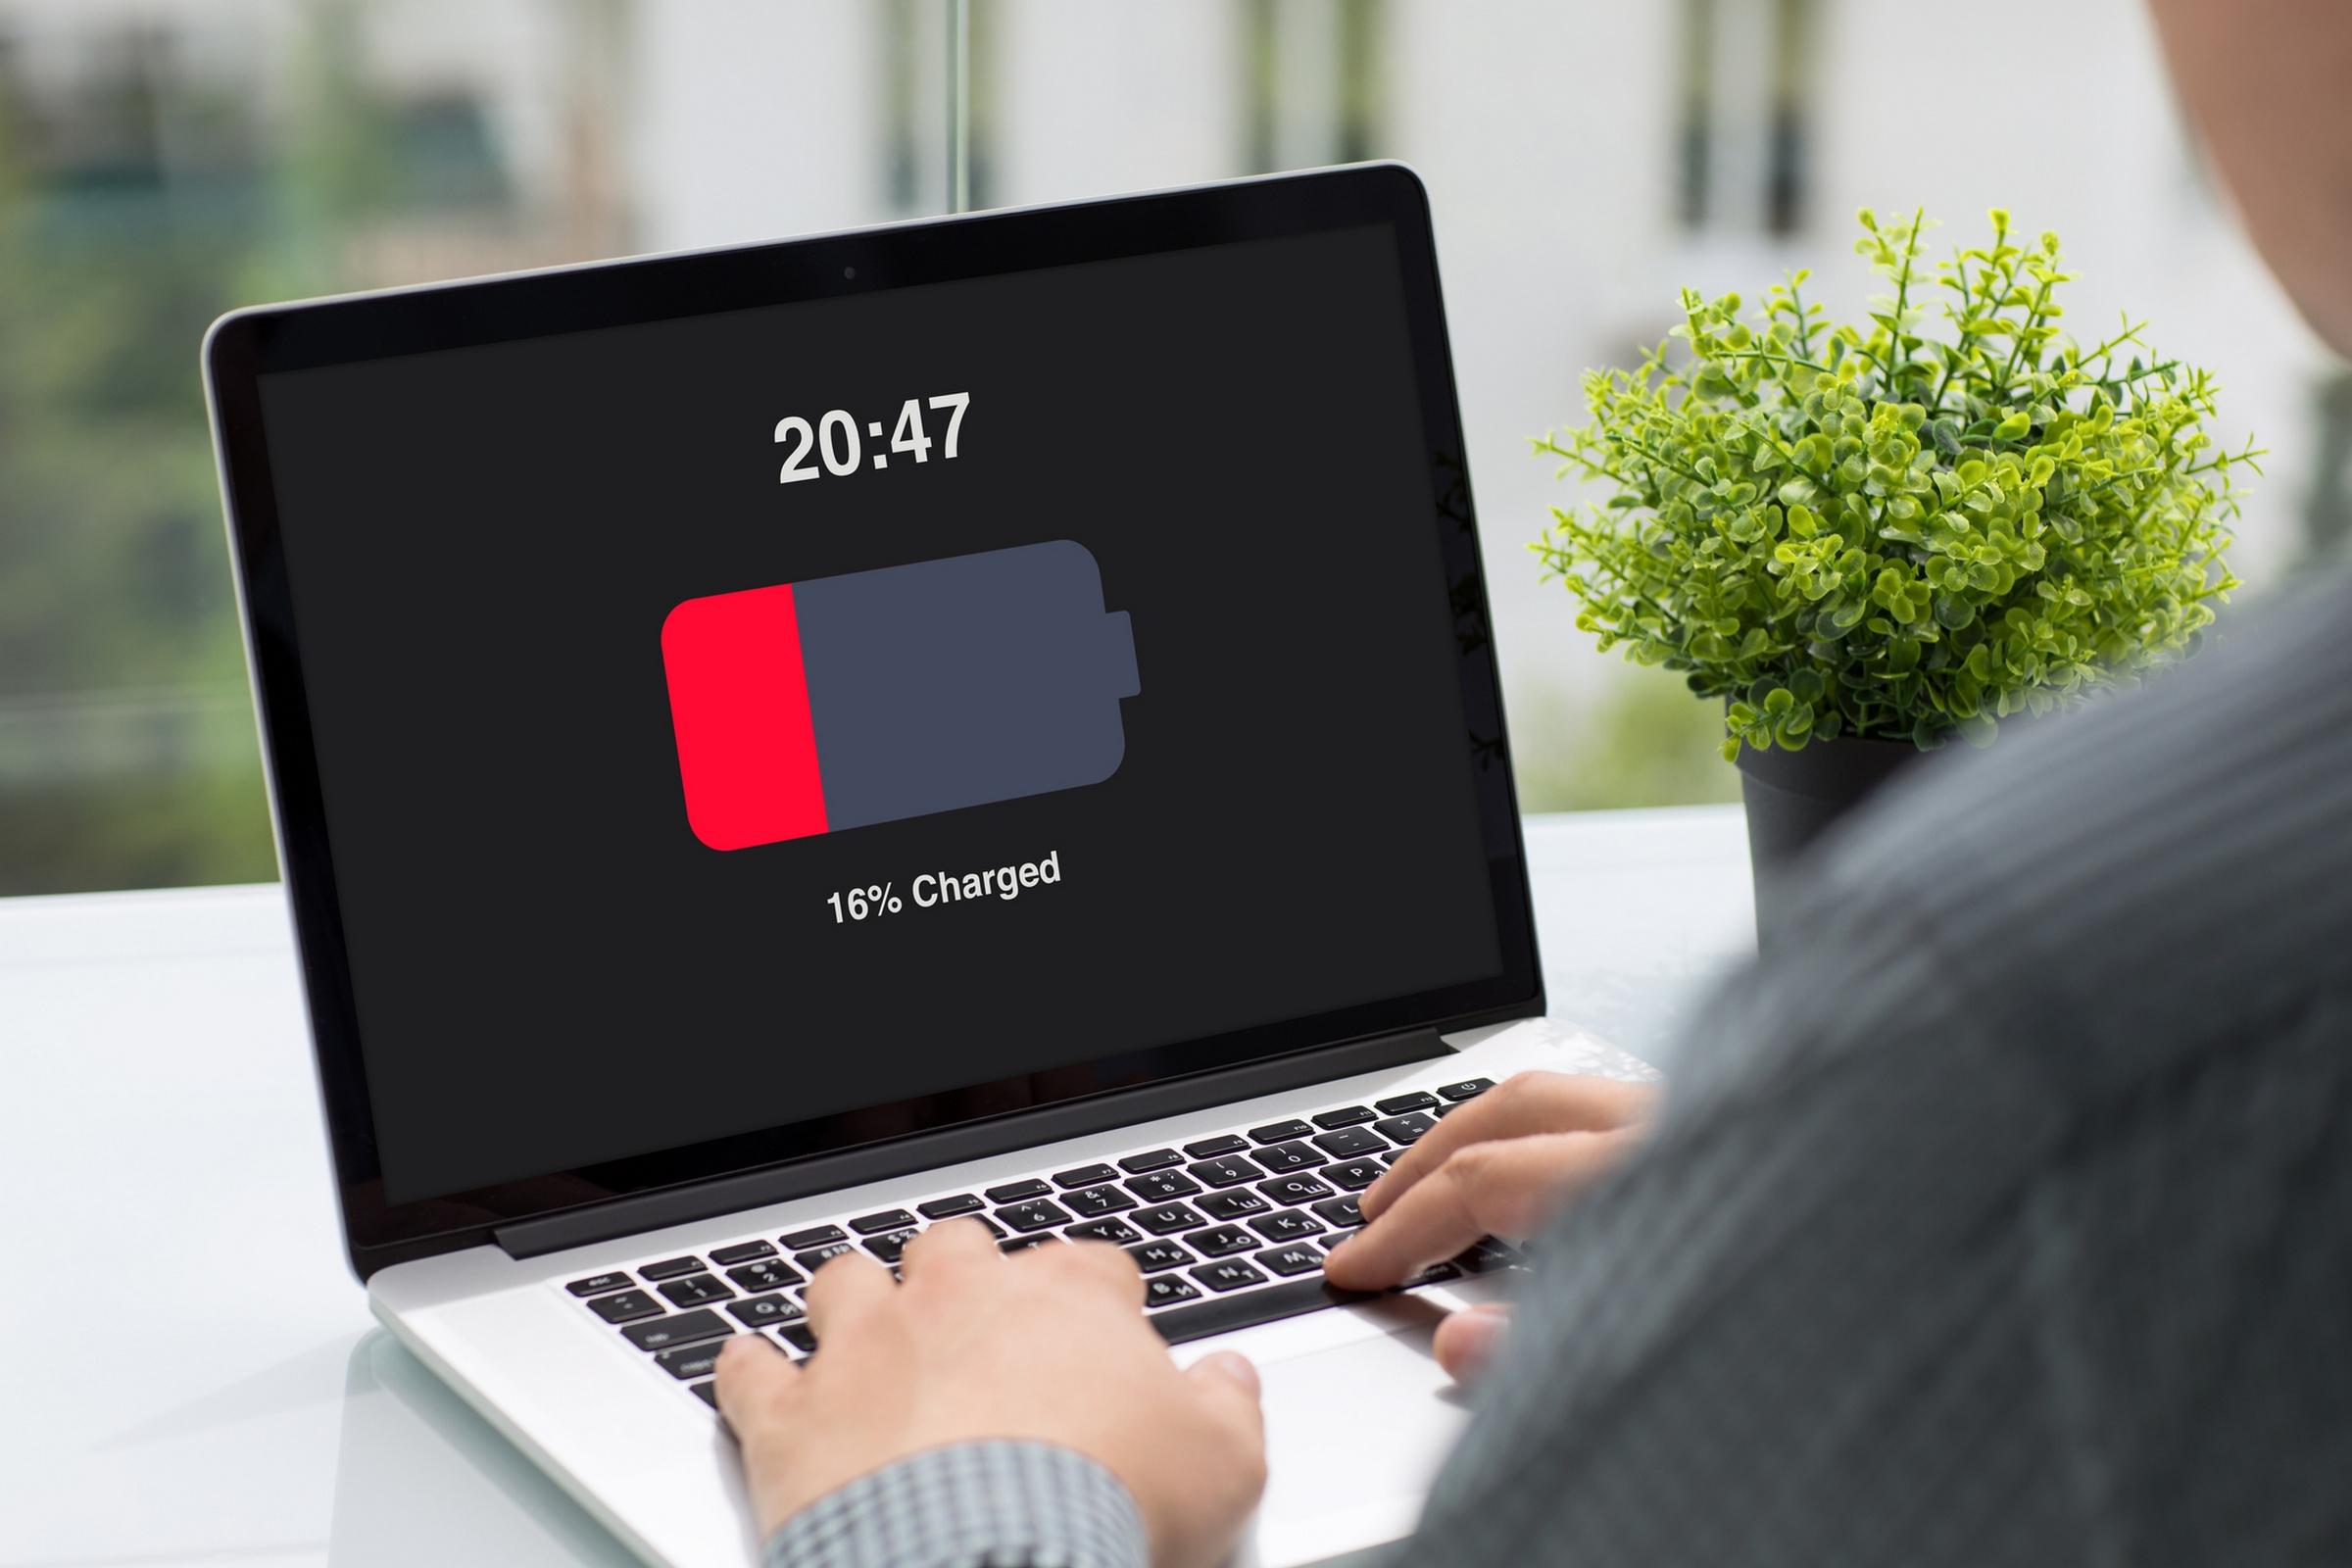 Comprueba la salud de la batería de tu portátil en Windows 10 para ver si necesitas comprar otra o solo recalibrarla